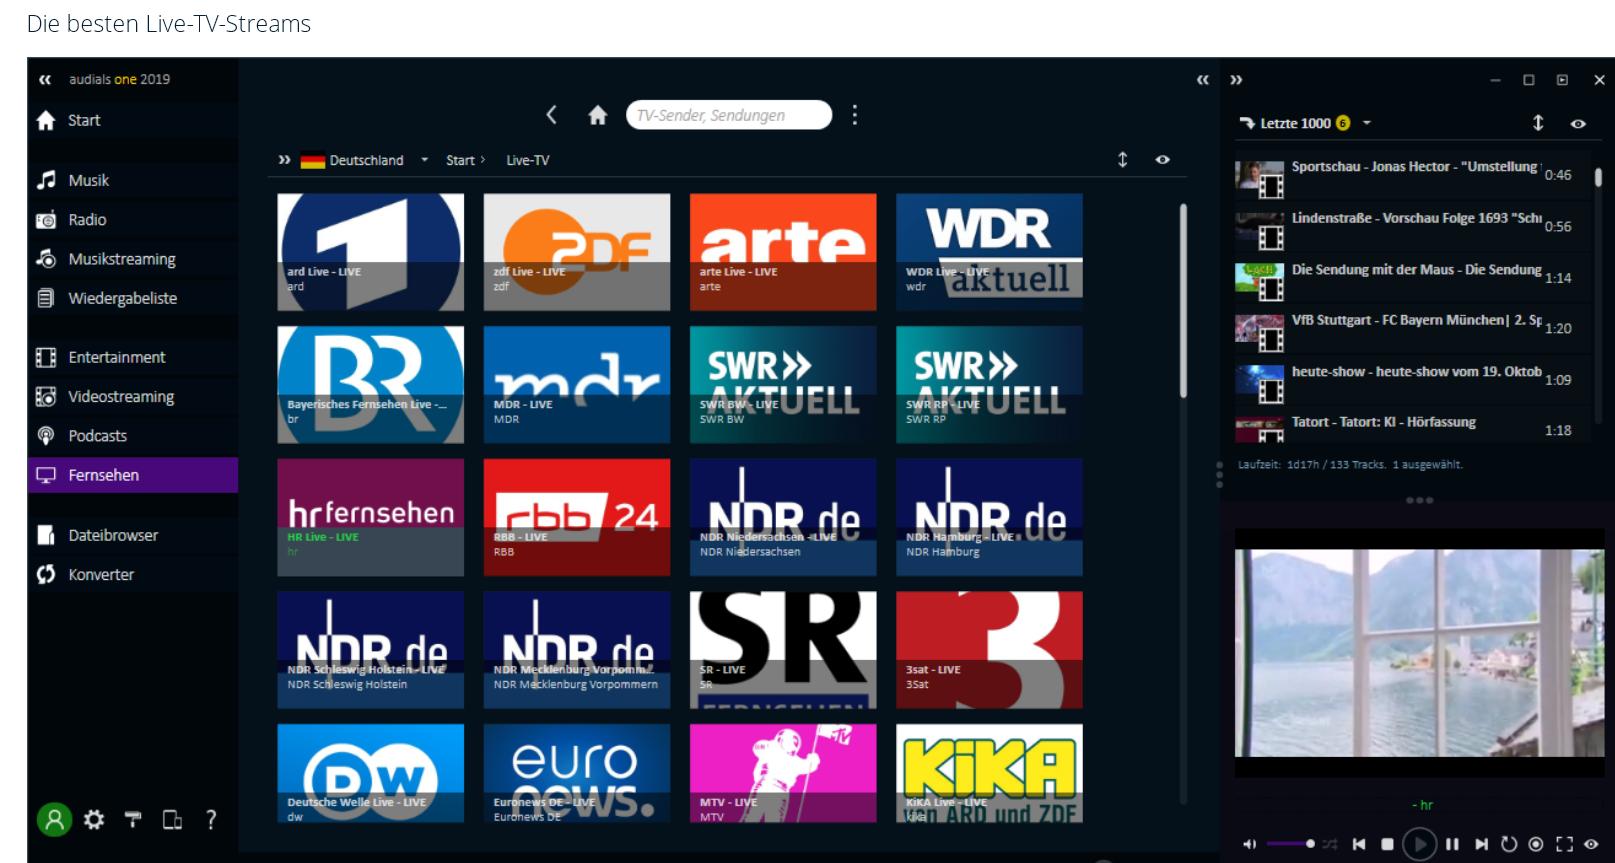 tv streams - Audials One 2019 ist erschienen - Wir verlosen 4 Lizenzen